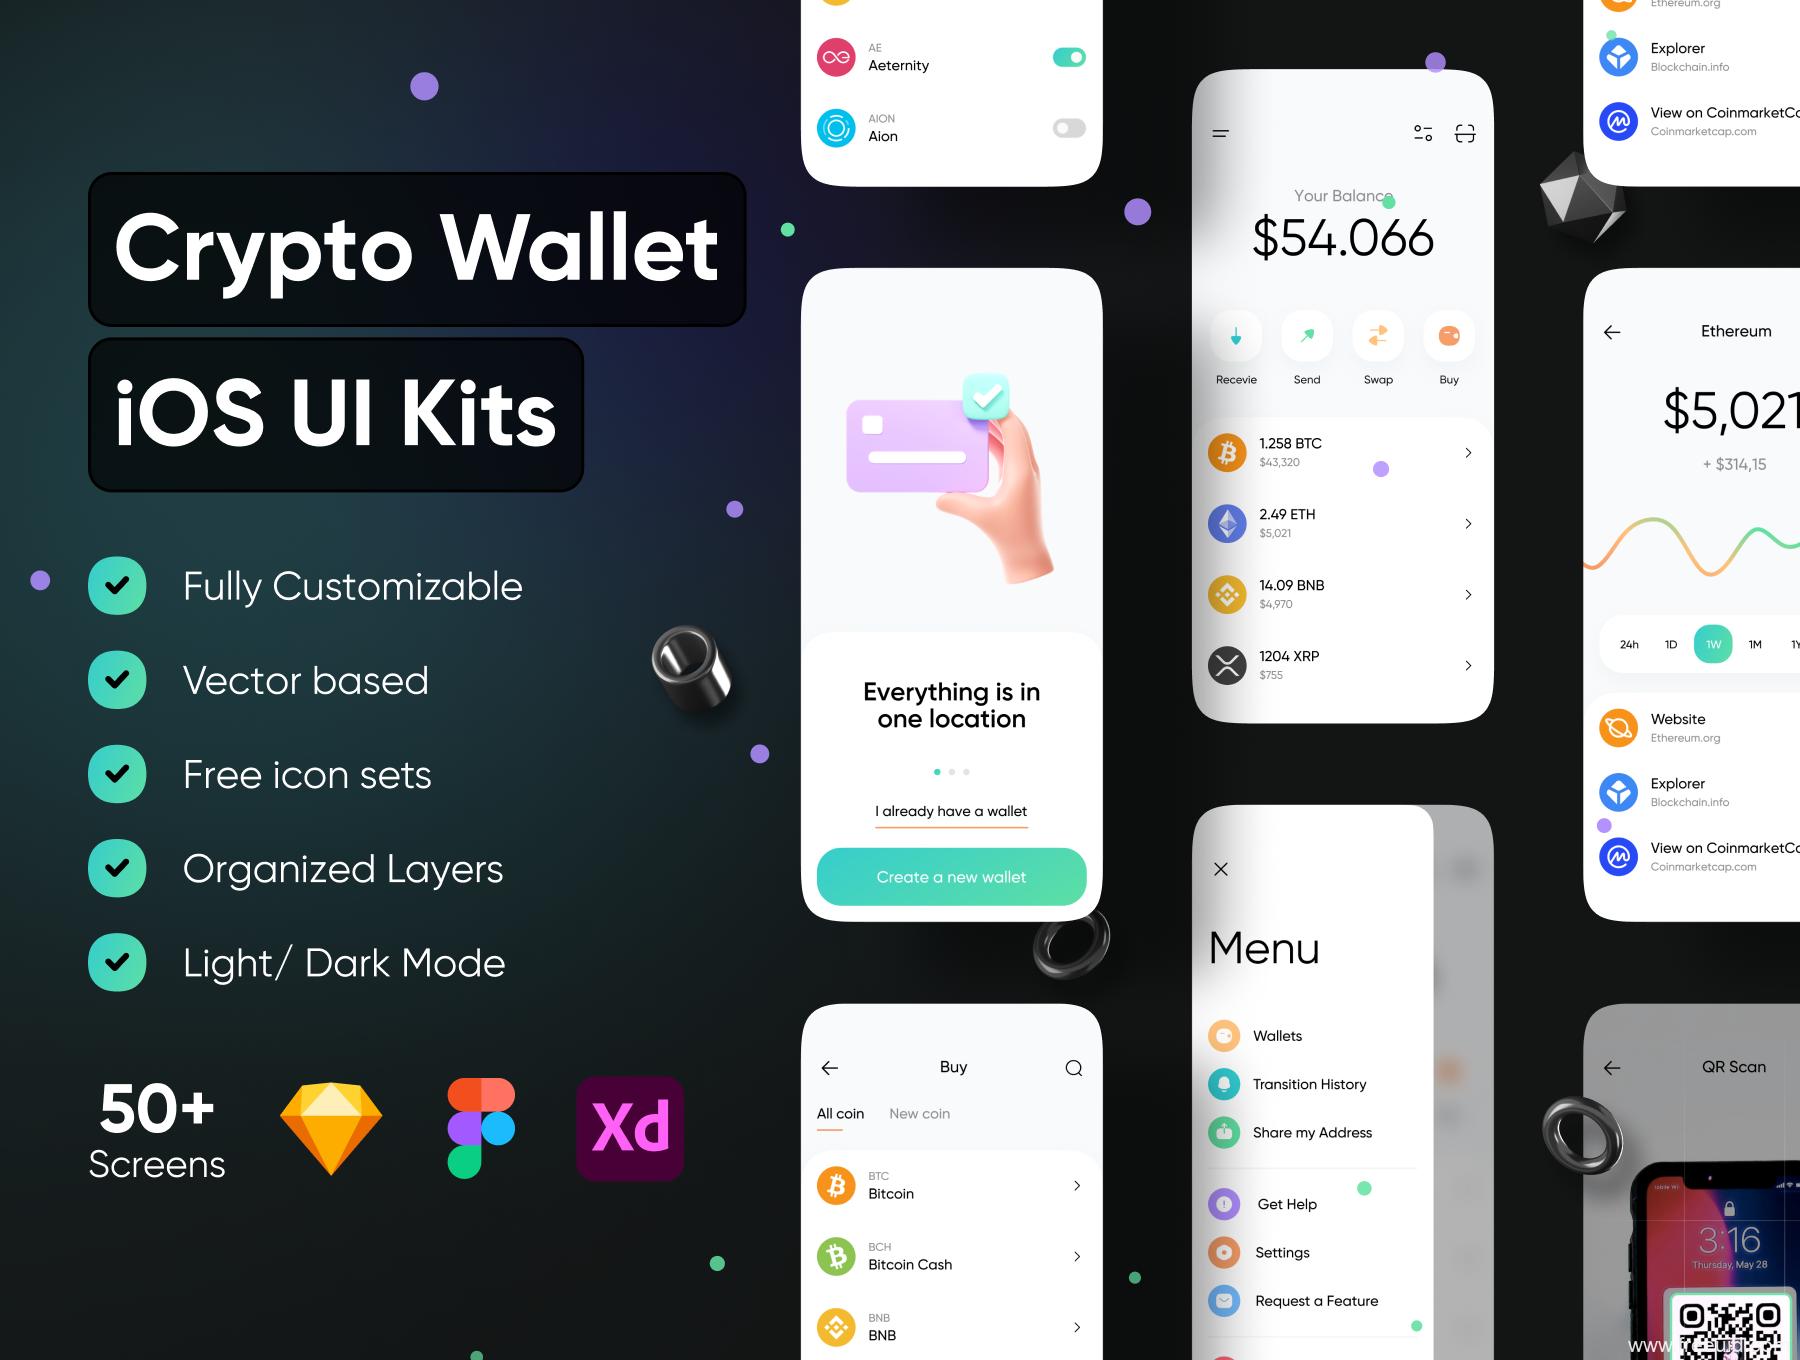 最新加密钱包应用app ui素材下载,电子钱包UI源文件下载,区块链UI素材下载